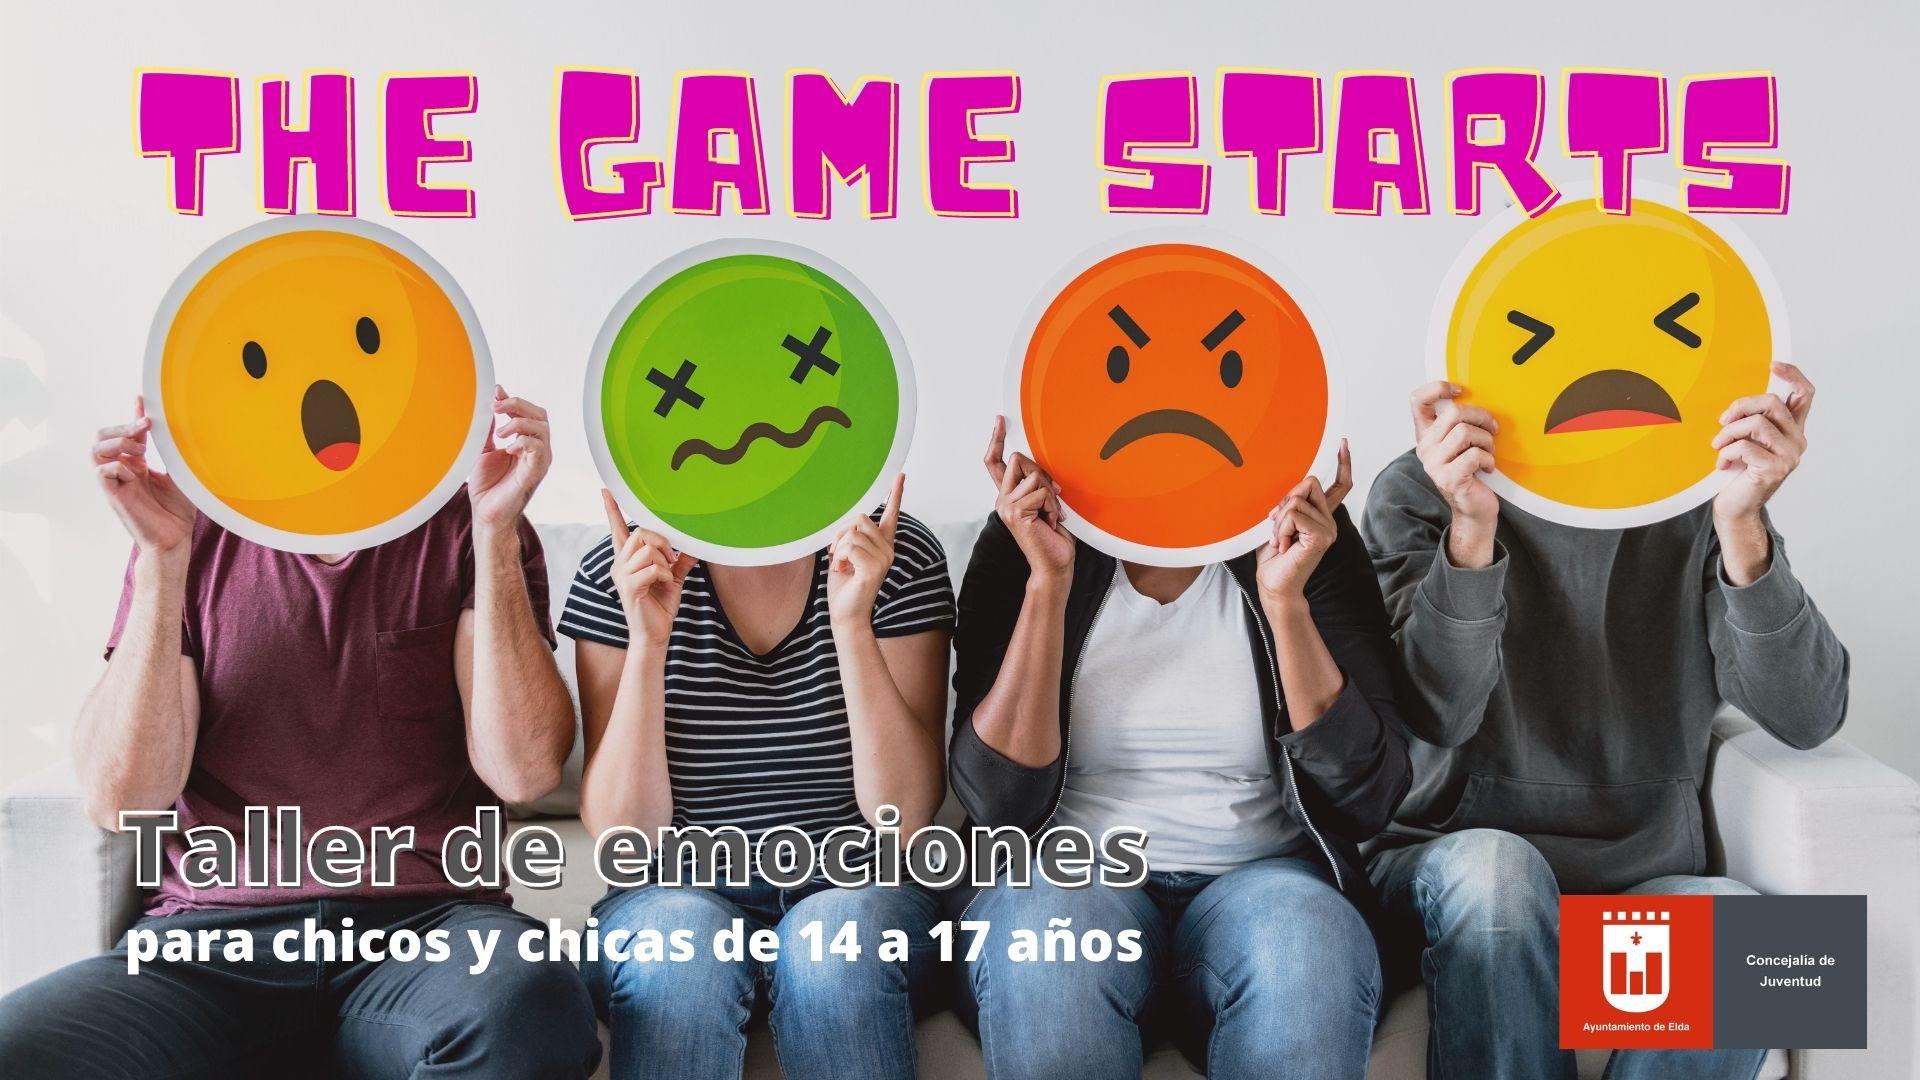 Juventud ofrece el curso 'The Game Starts' para ayudar a jóvenes de 13 a 17 años a controlar sus emociones a través de juegos